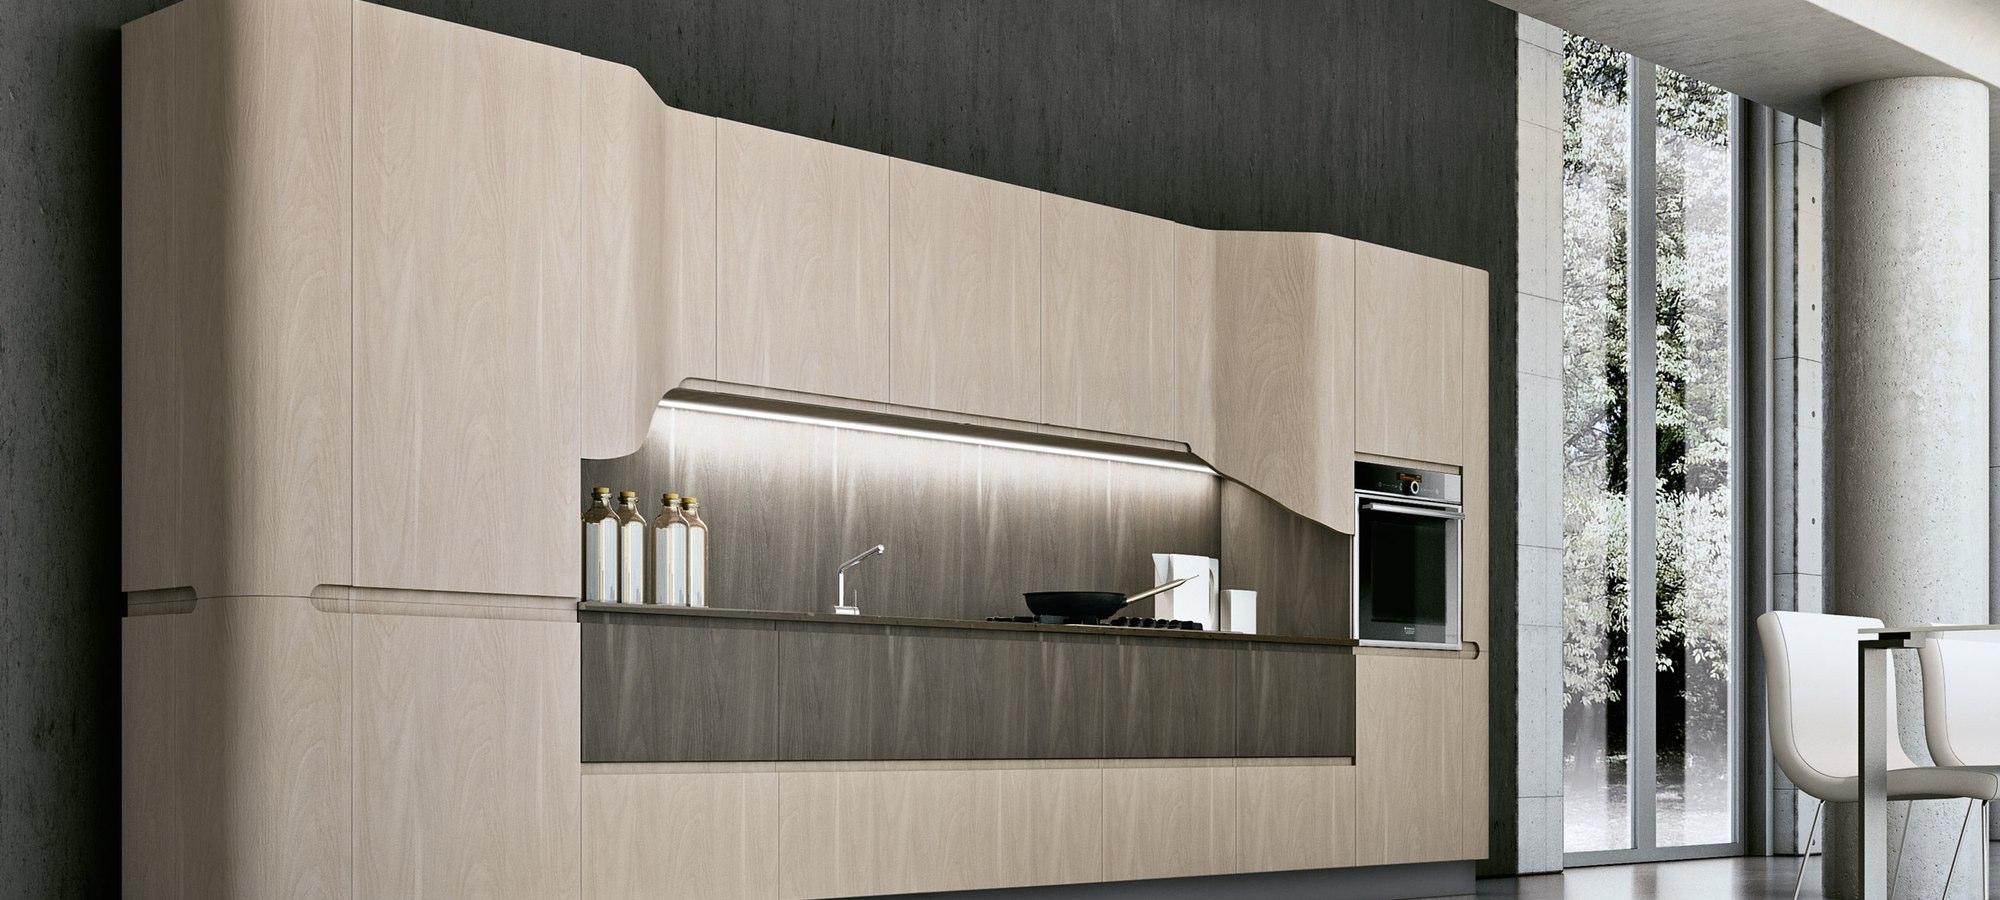 Stili Di Case Moderne.Cucine Moderne Pagina 4 Brennero Case Stili Di Maistri Arreda Srl